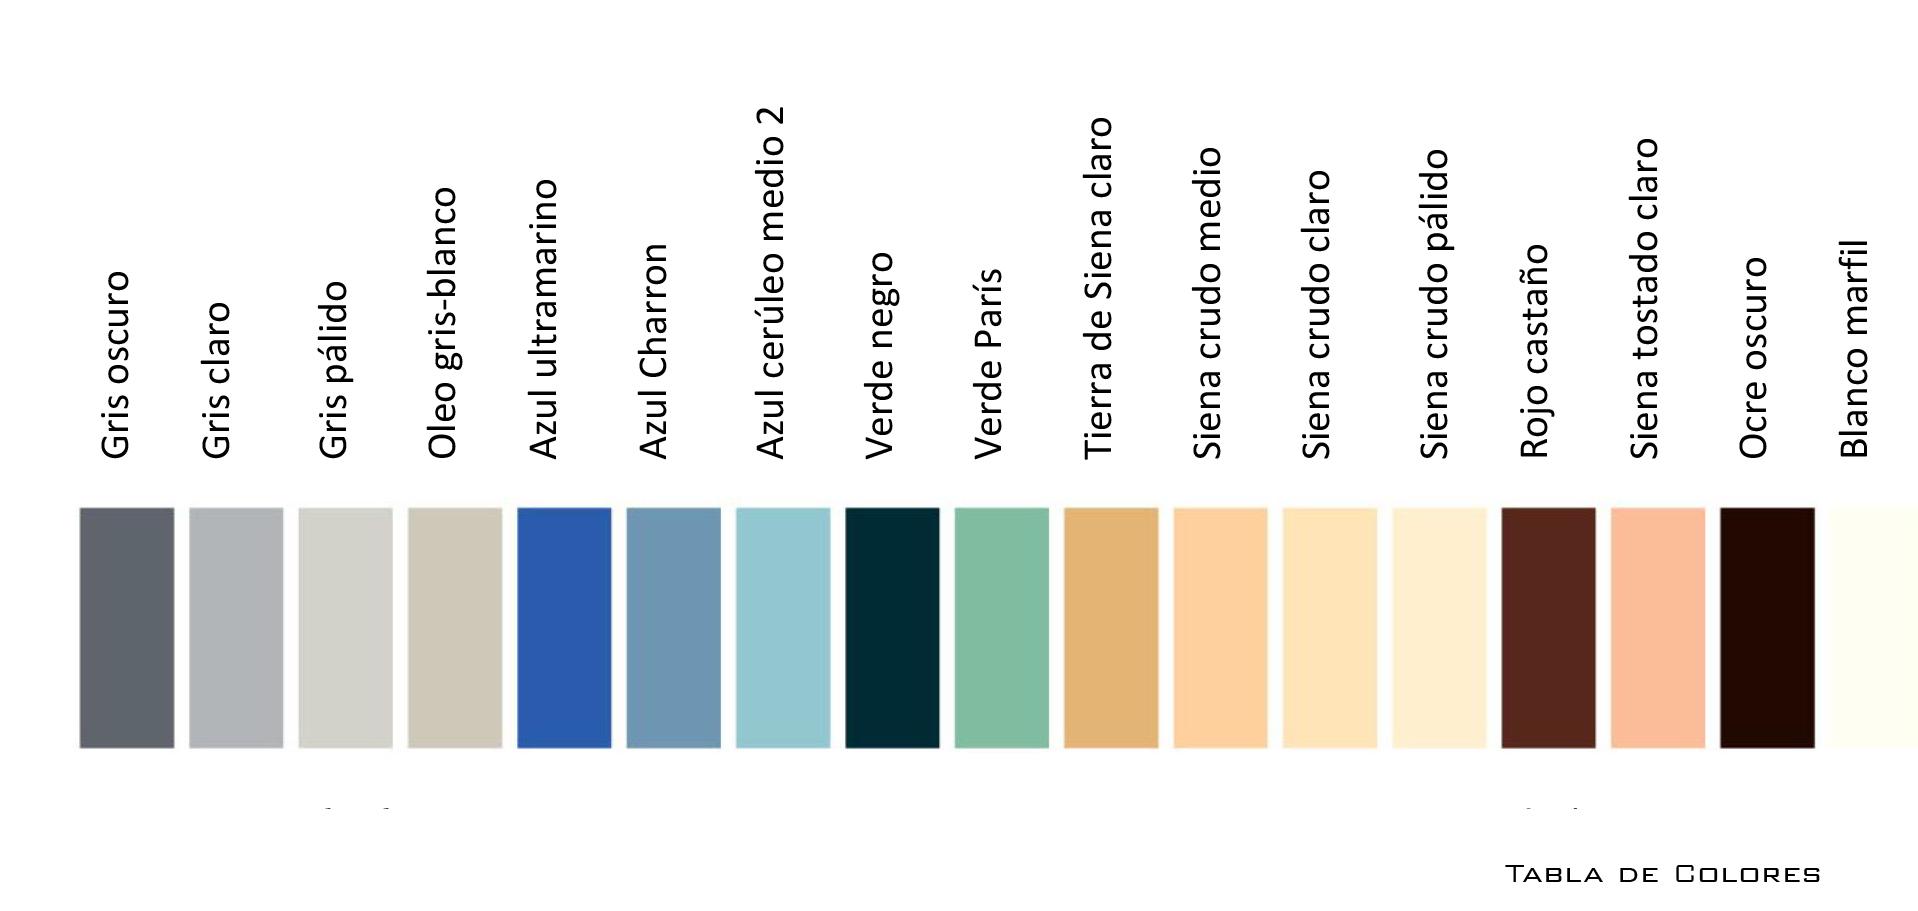 Colores De Pintura Tonos Beige Y Ccrema Para Paredes Interiores